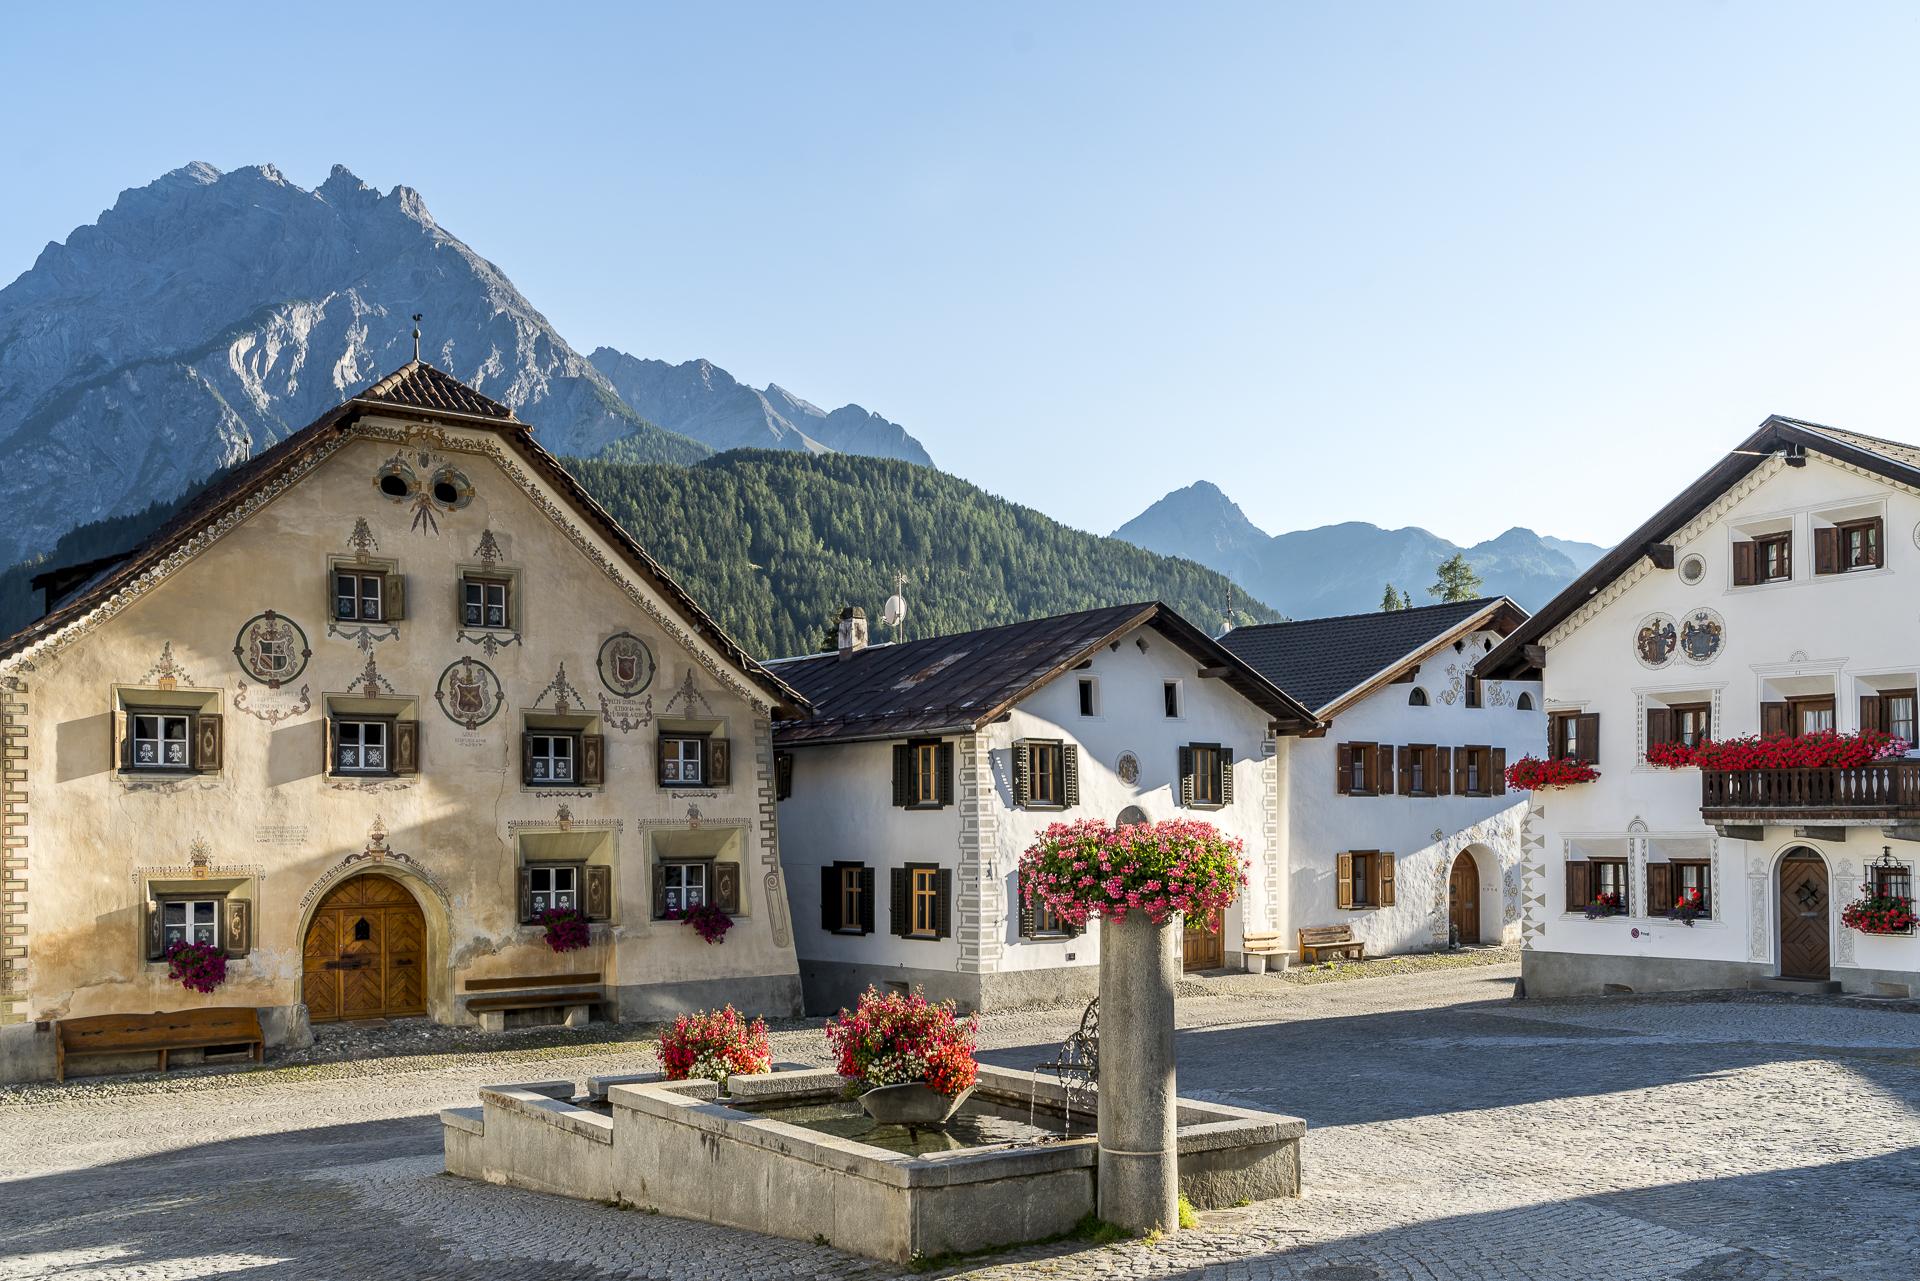 Dorfbrunnen von Scuol